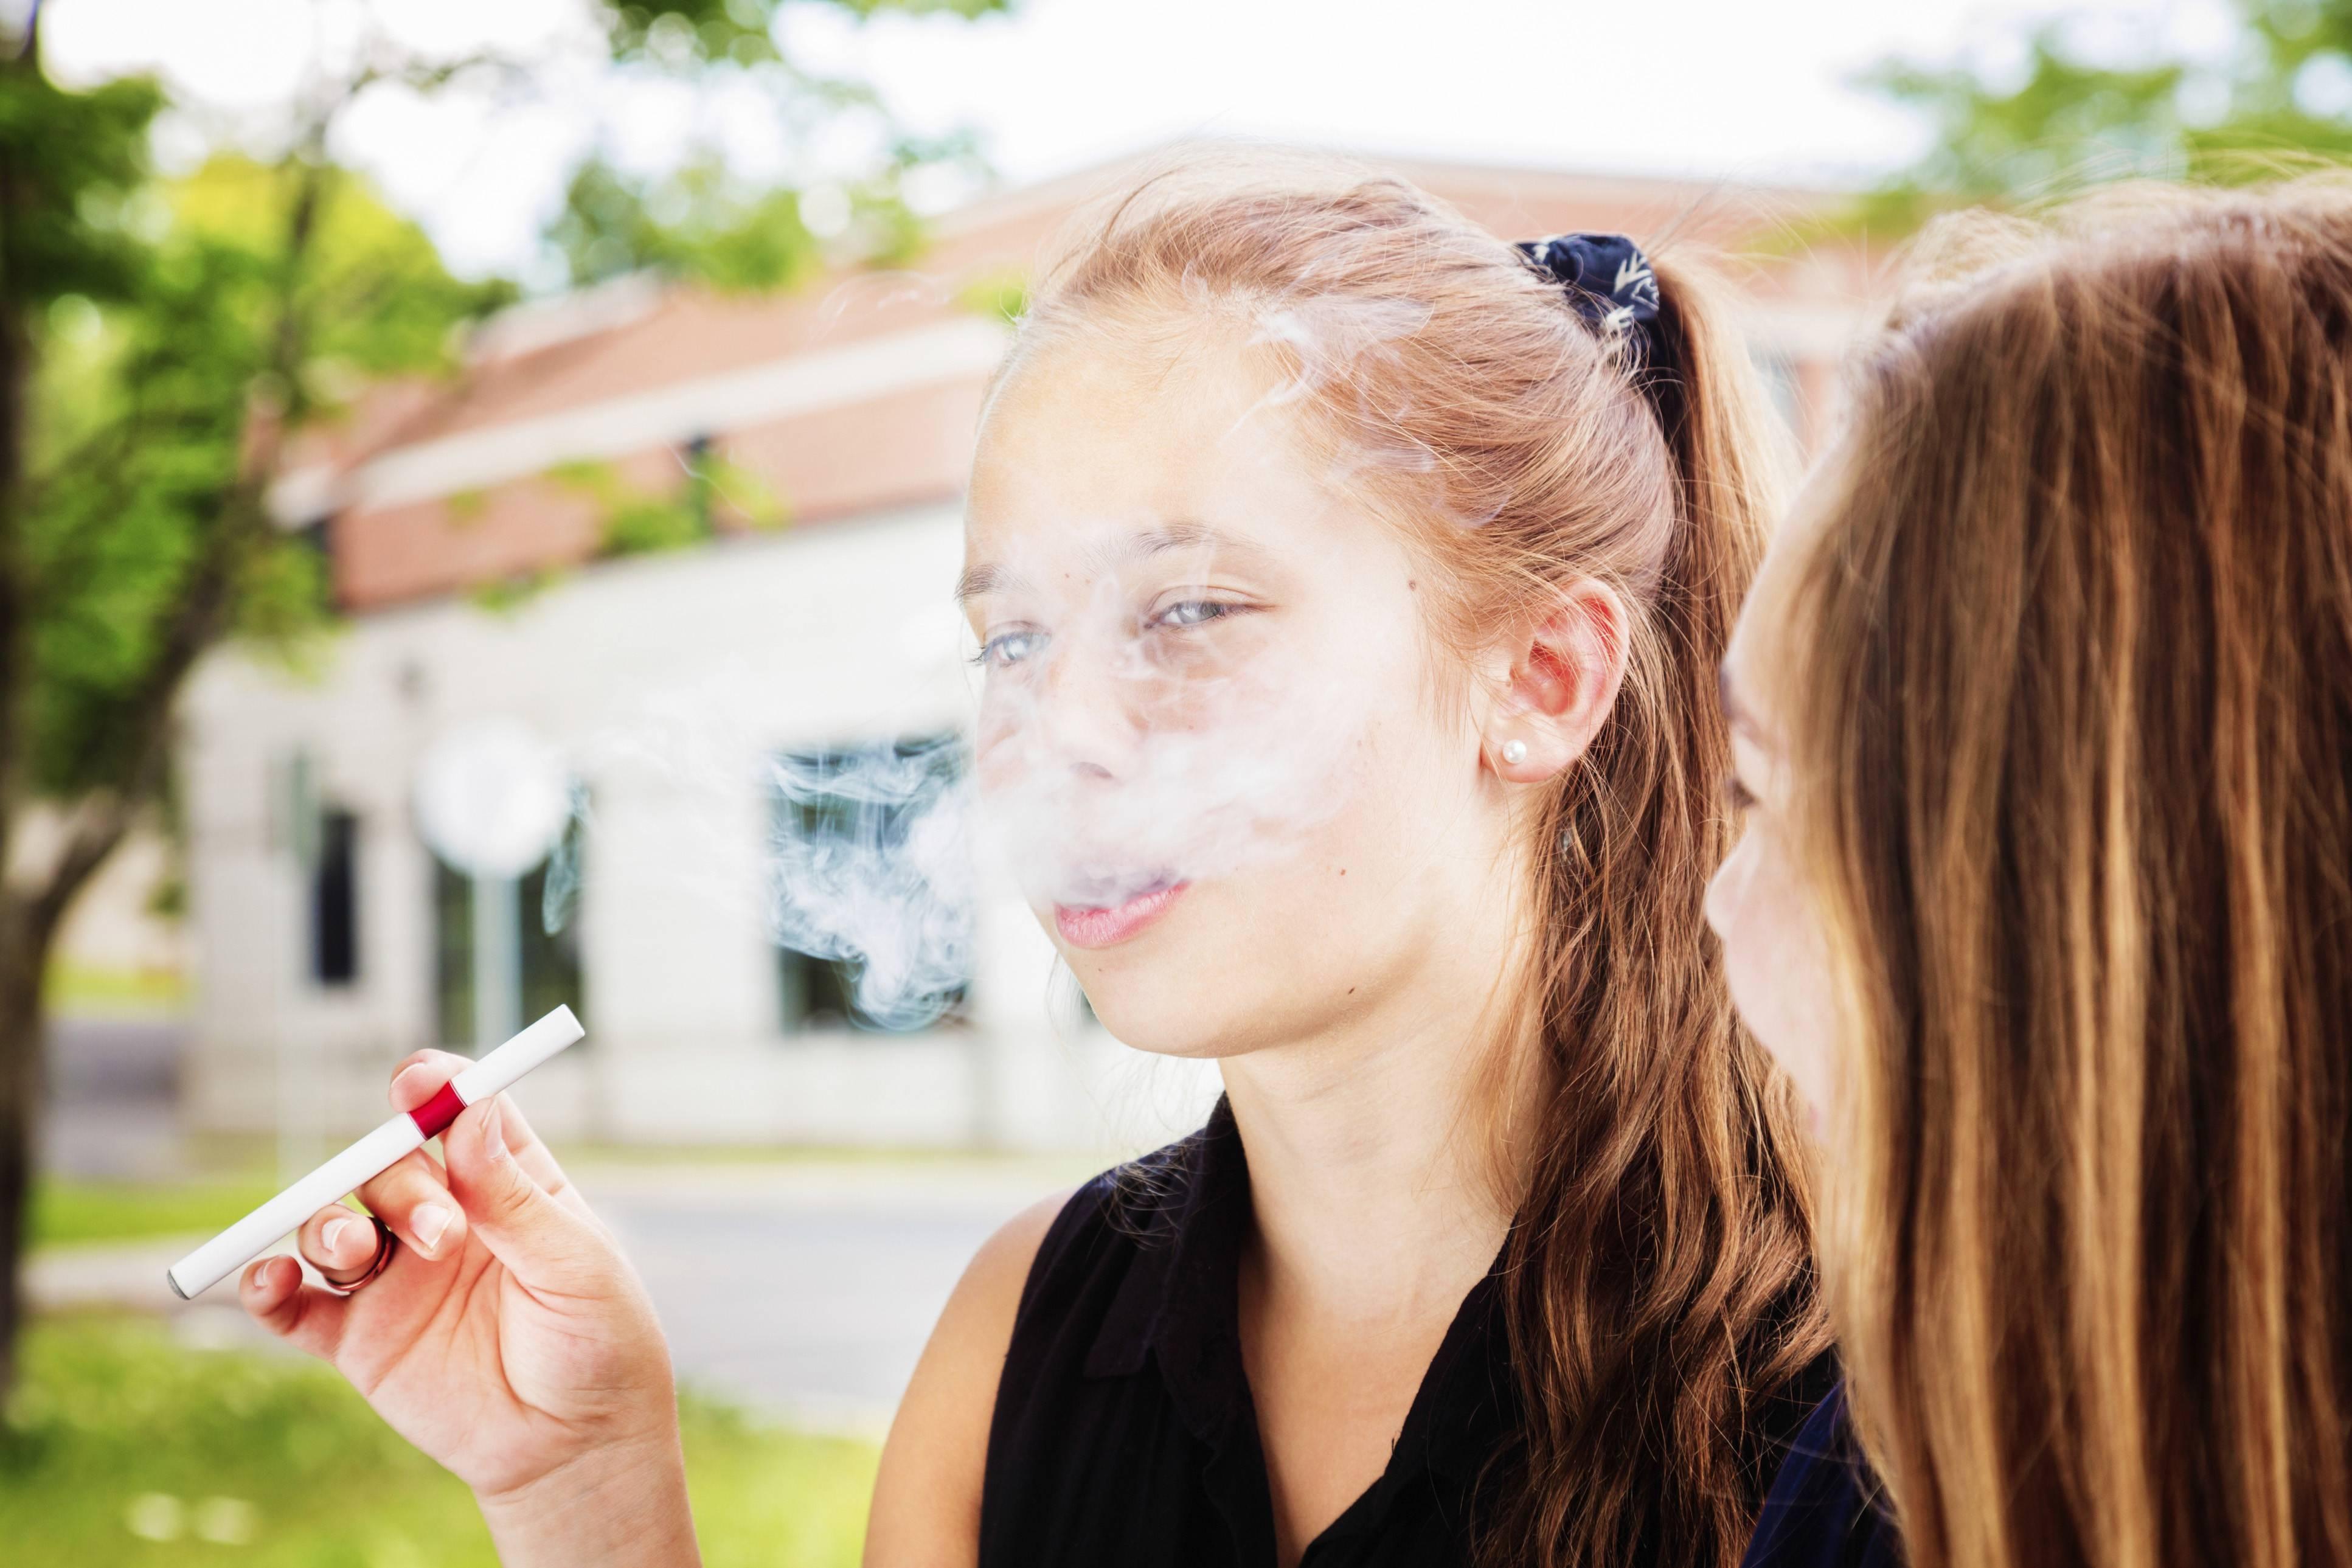 Что вреднее: обычная или электронная сигарета, и каковы плюсы с минусами каждой